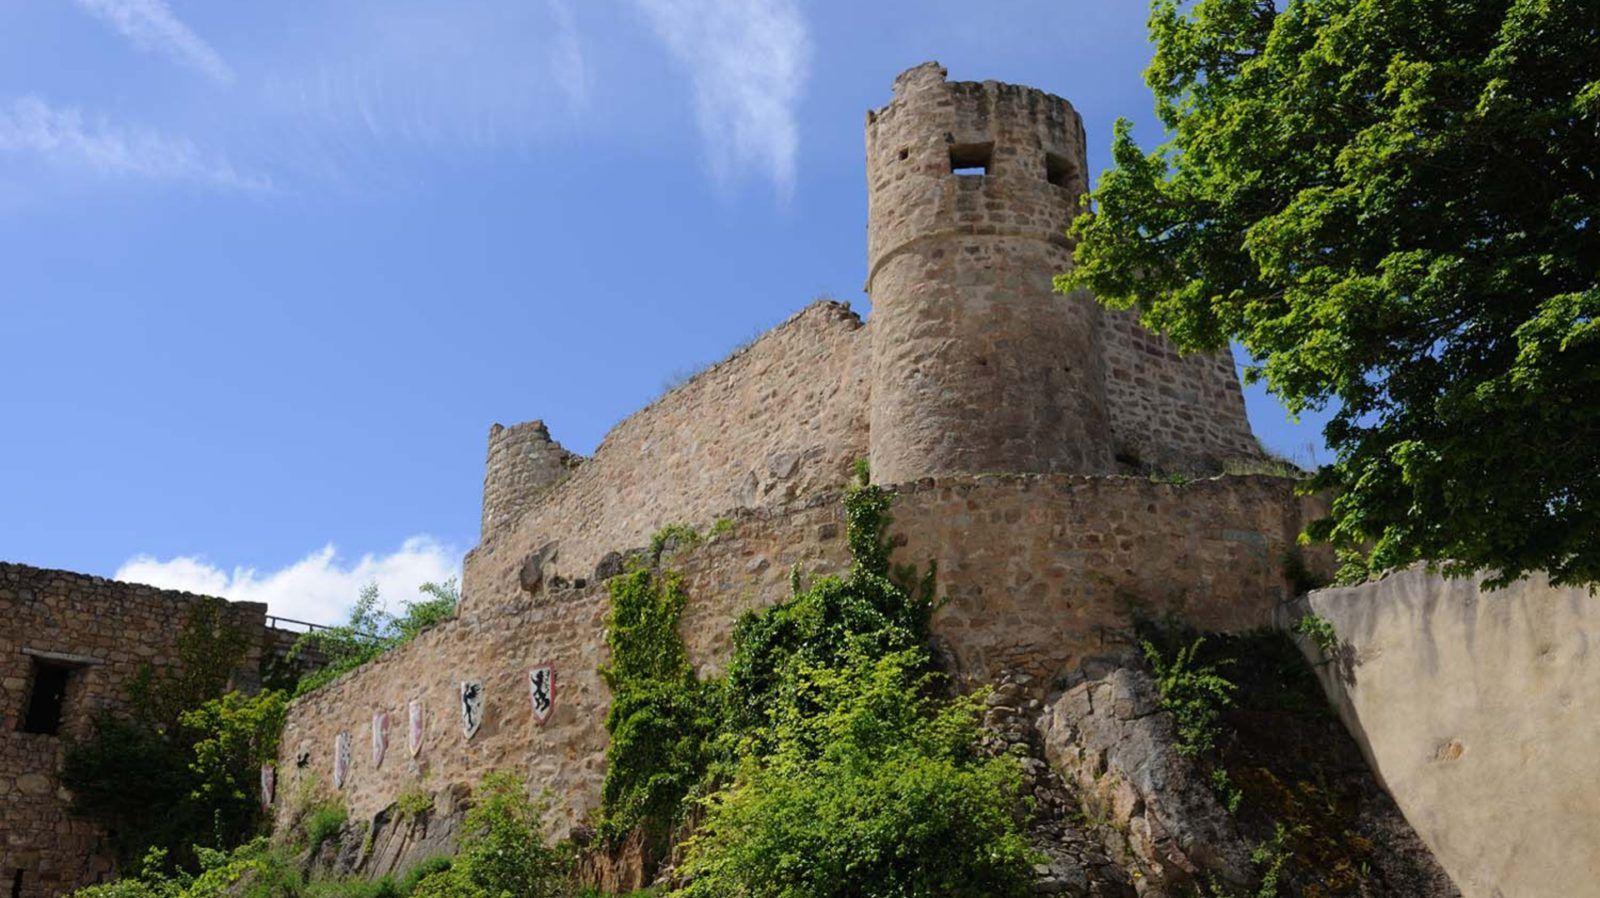 Château médiéval du Hohlandsbourg - Mutabilis